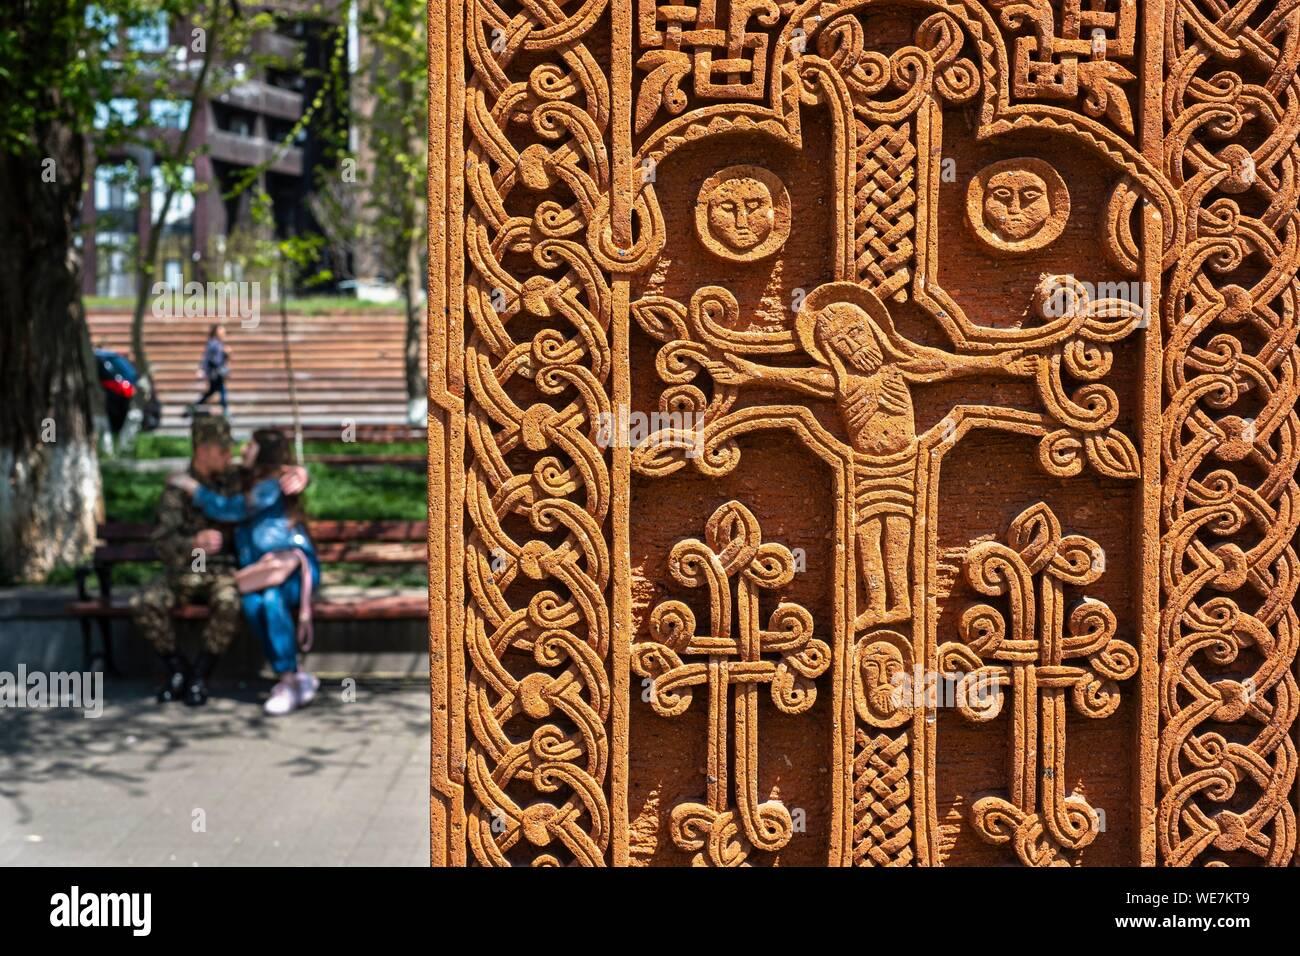 L'Arménie, Erevan, exposition en plein air appelé génocide culturel: symbole de khatchkars (pierres sculptées, les stèles du souvenir) dans le parc situé à l'intersection de rues Hanrapetutyan et Nalbandyan Banque D'Images